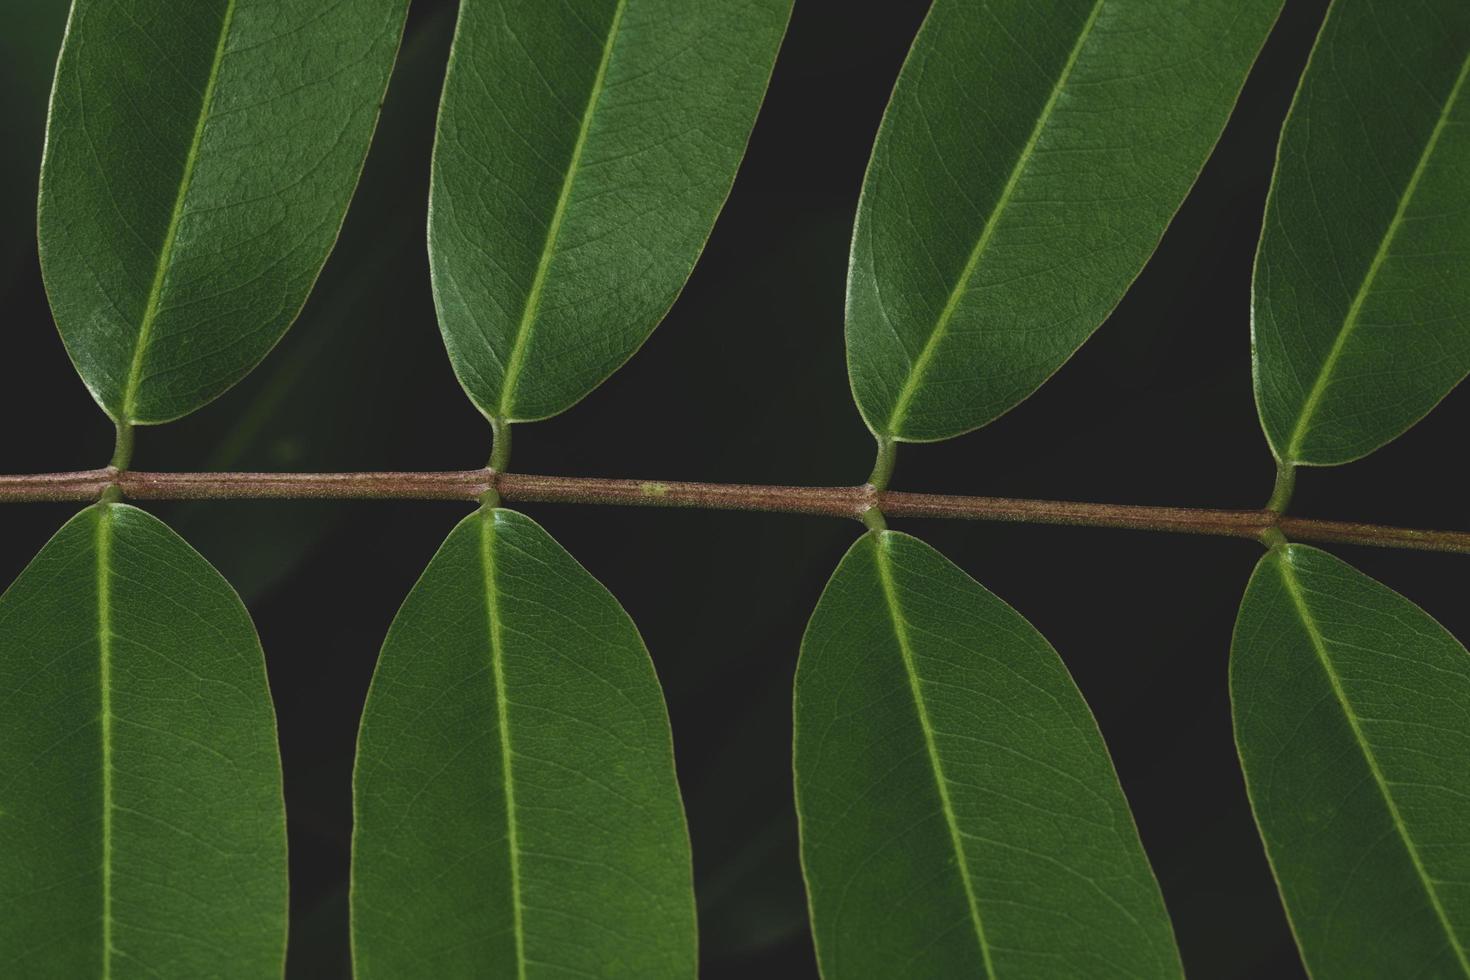 gröna blad med mörk ton bakgrund foto